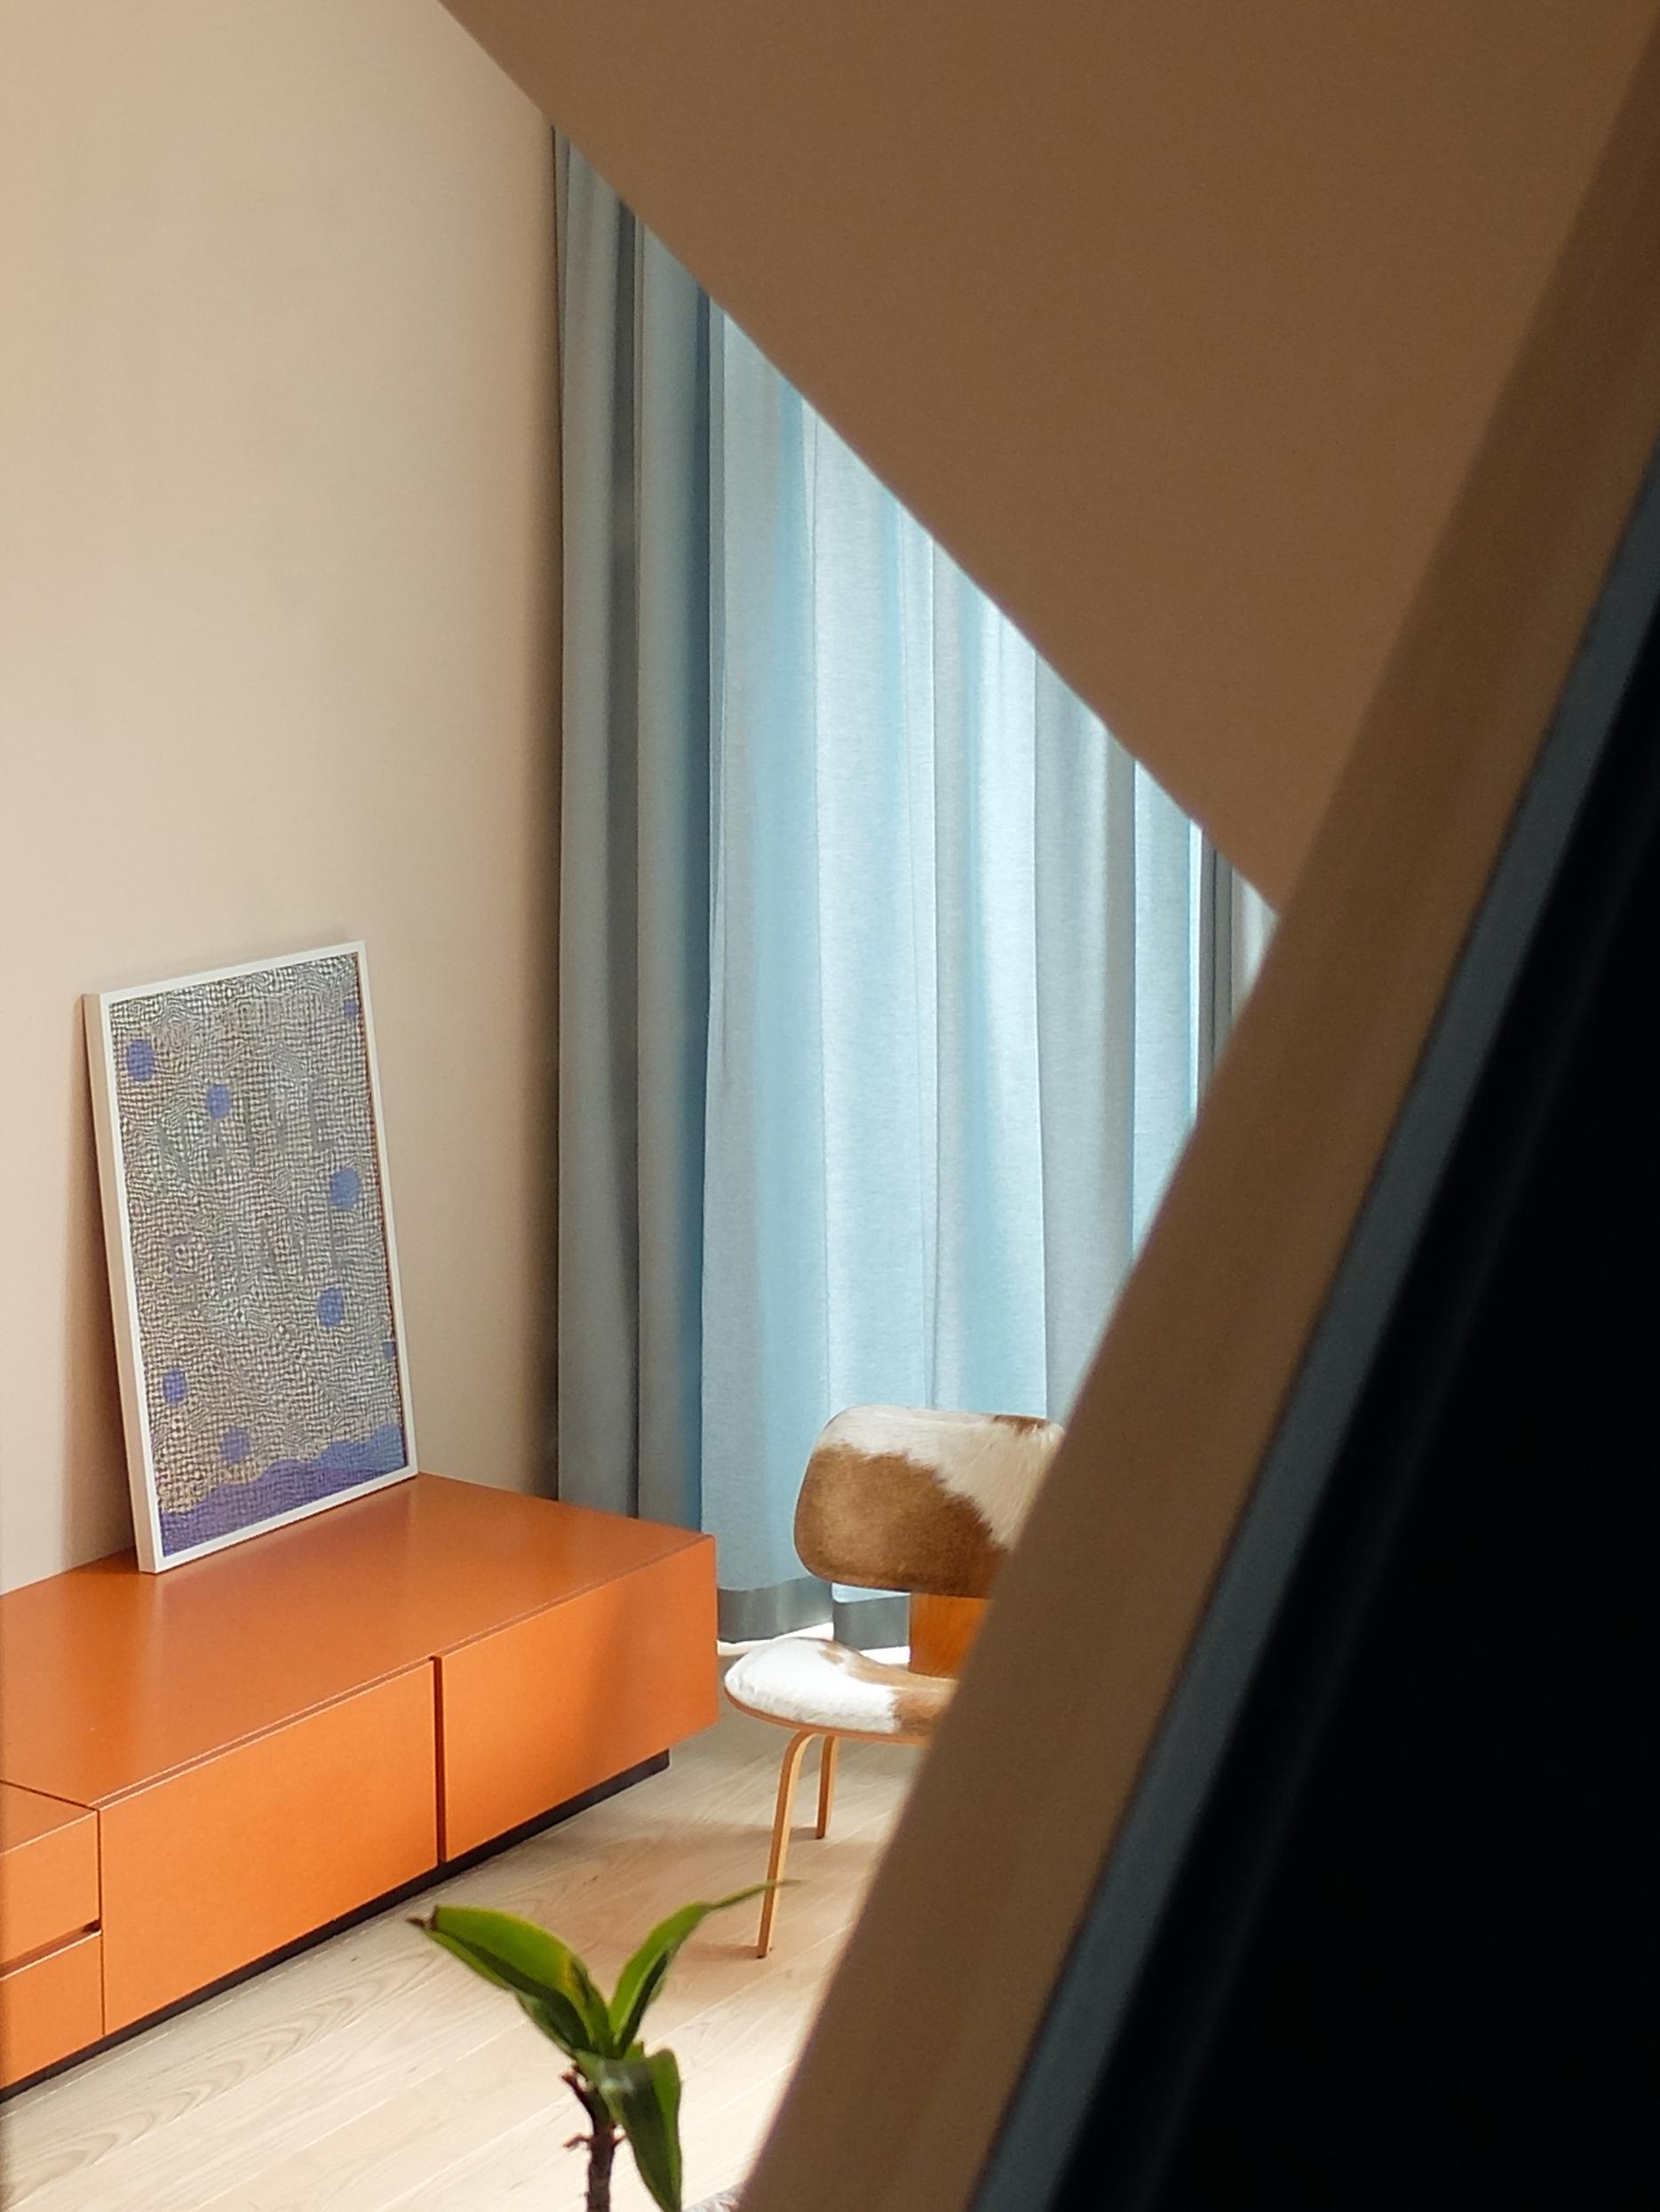 <p>Driehoekige ramen bieden een glimp van de woonkamer gezien vanaf de trap</p>